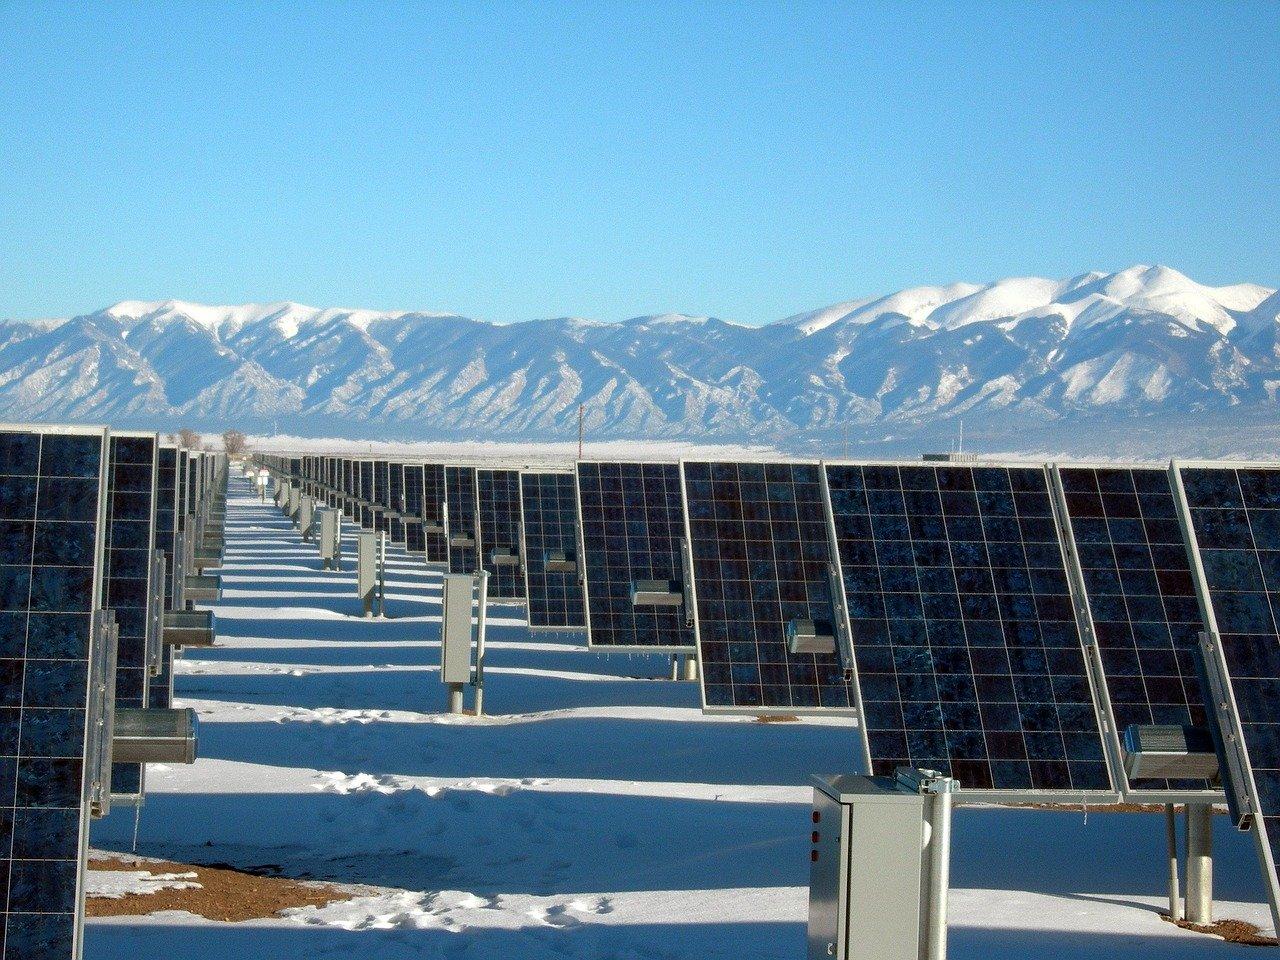 Fotovoltaico in inverno: cosa fare se nevica?